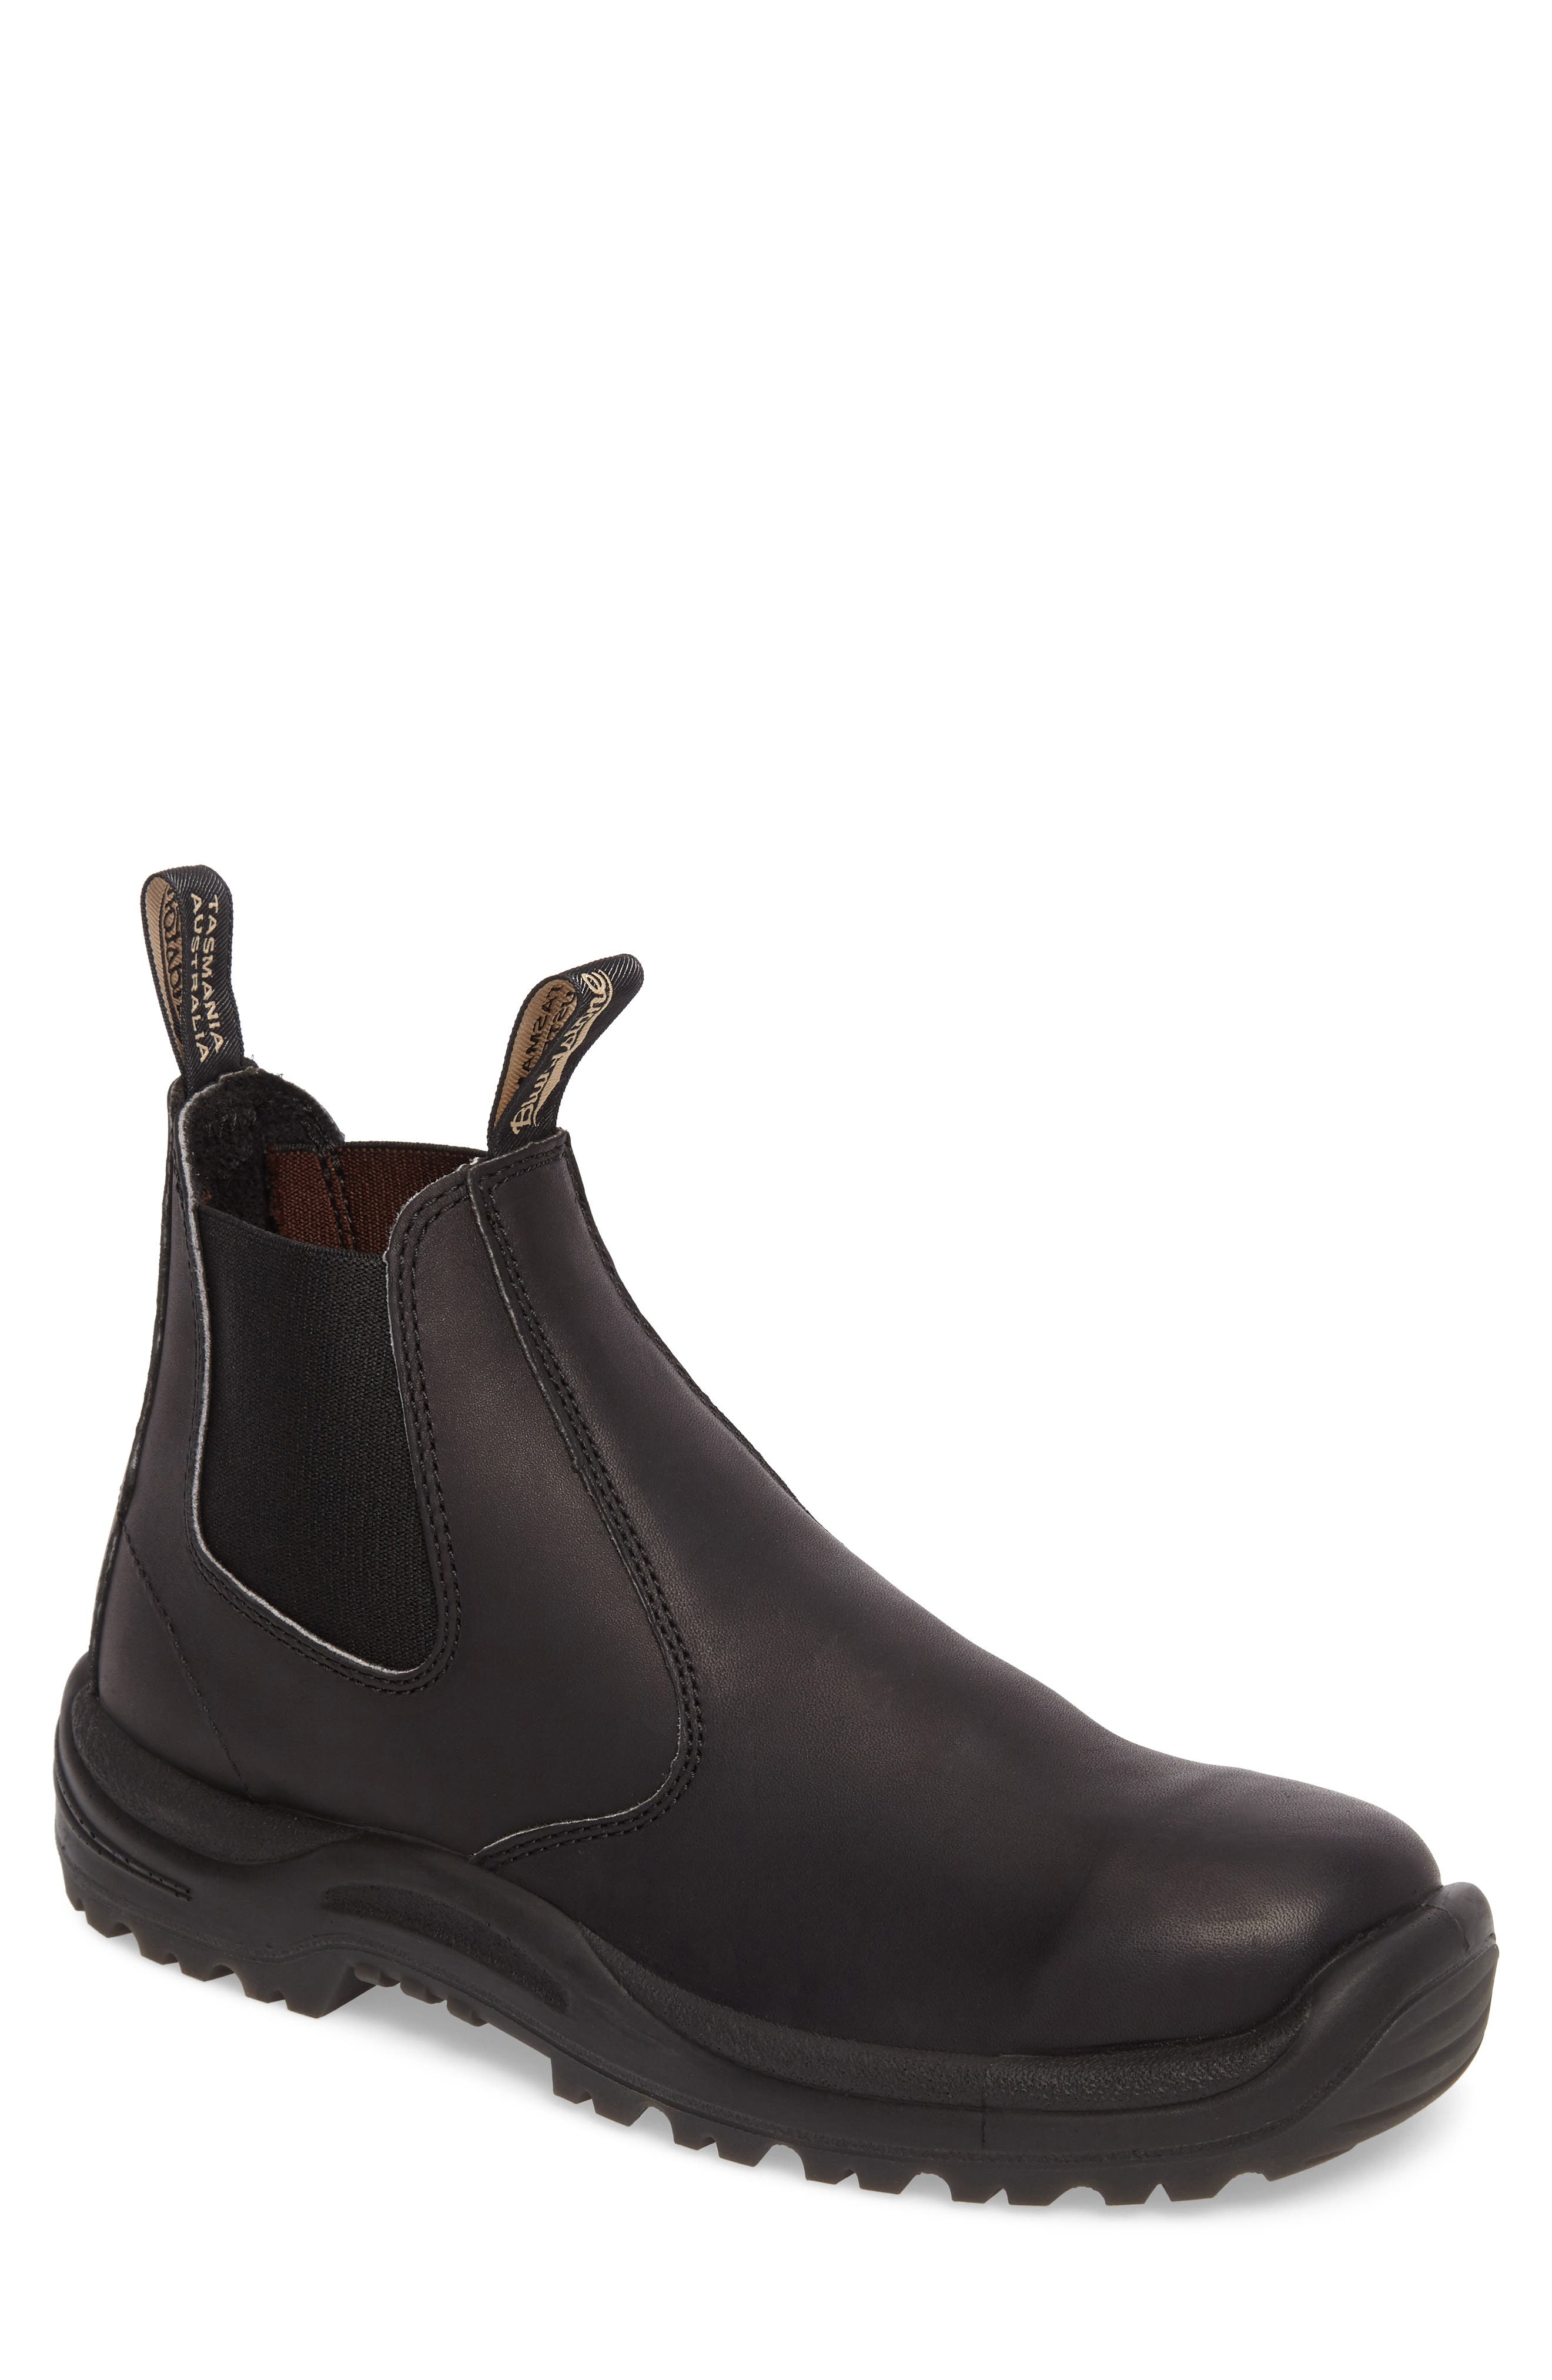 Blundstone Footwear '490' Chelsea Boot (Men)